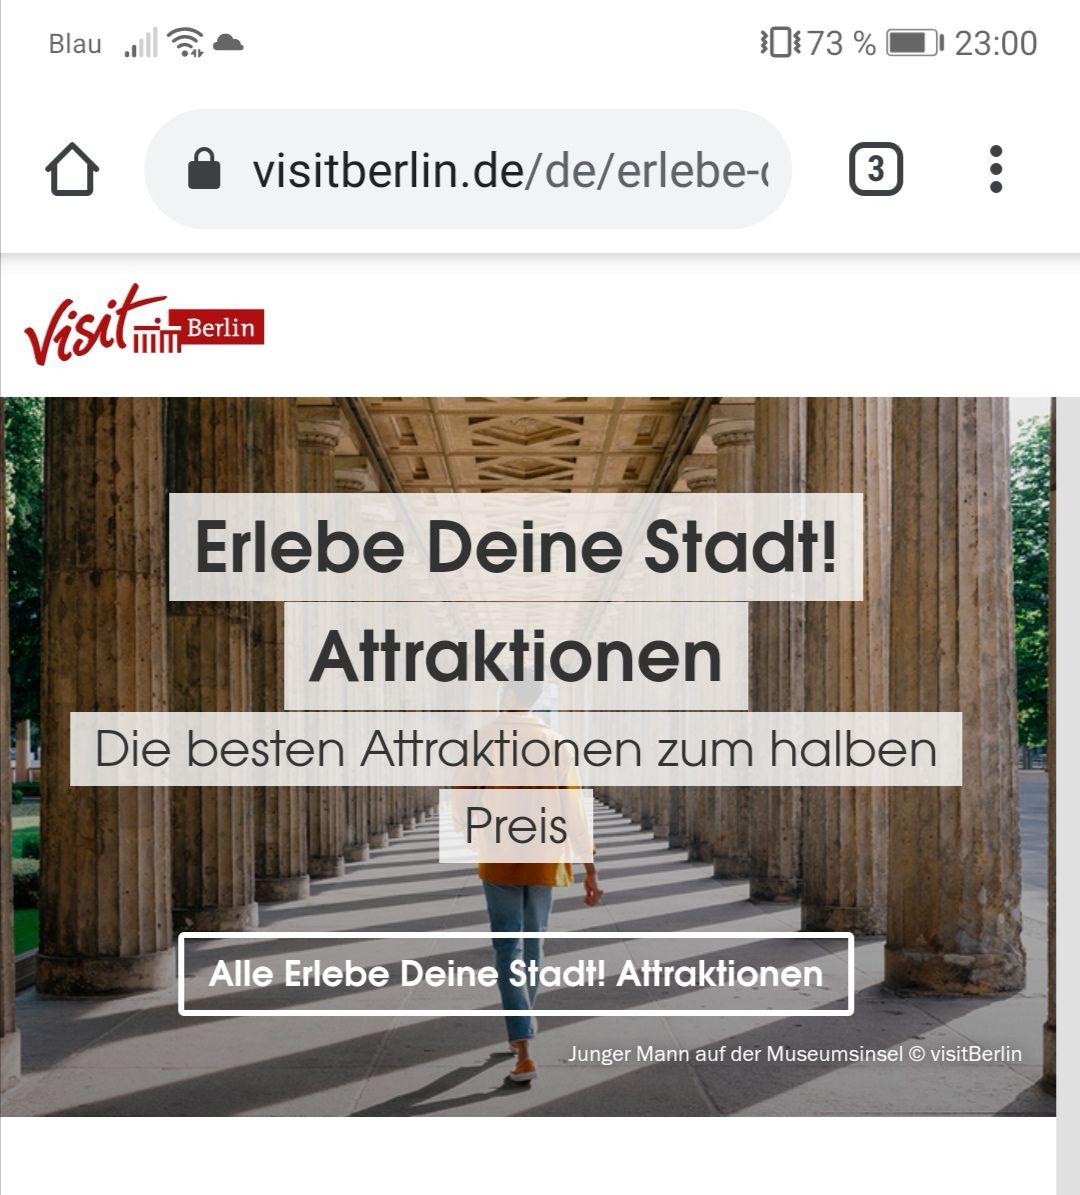 Lokal - Berlin erleben mit - 50% Rabatt